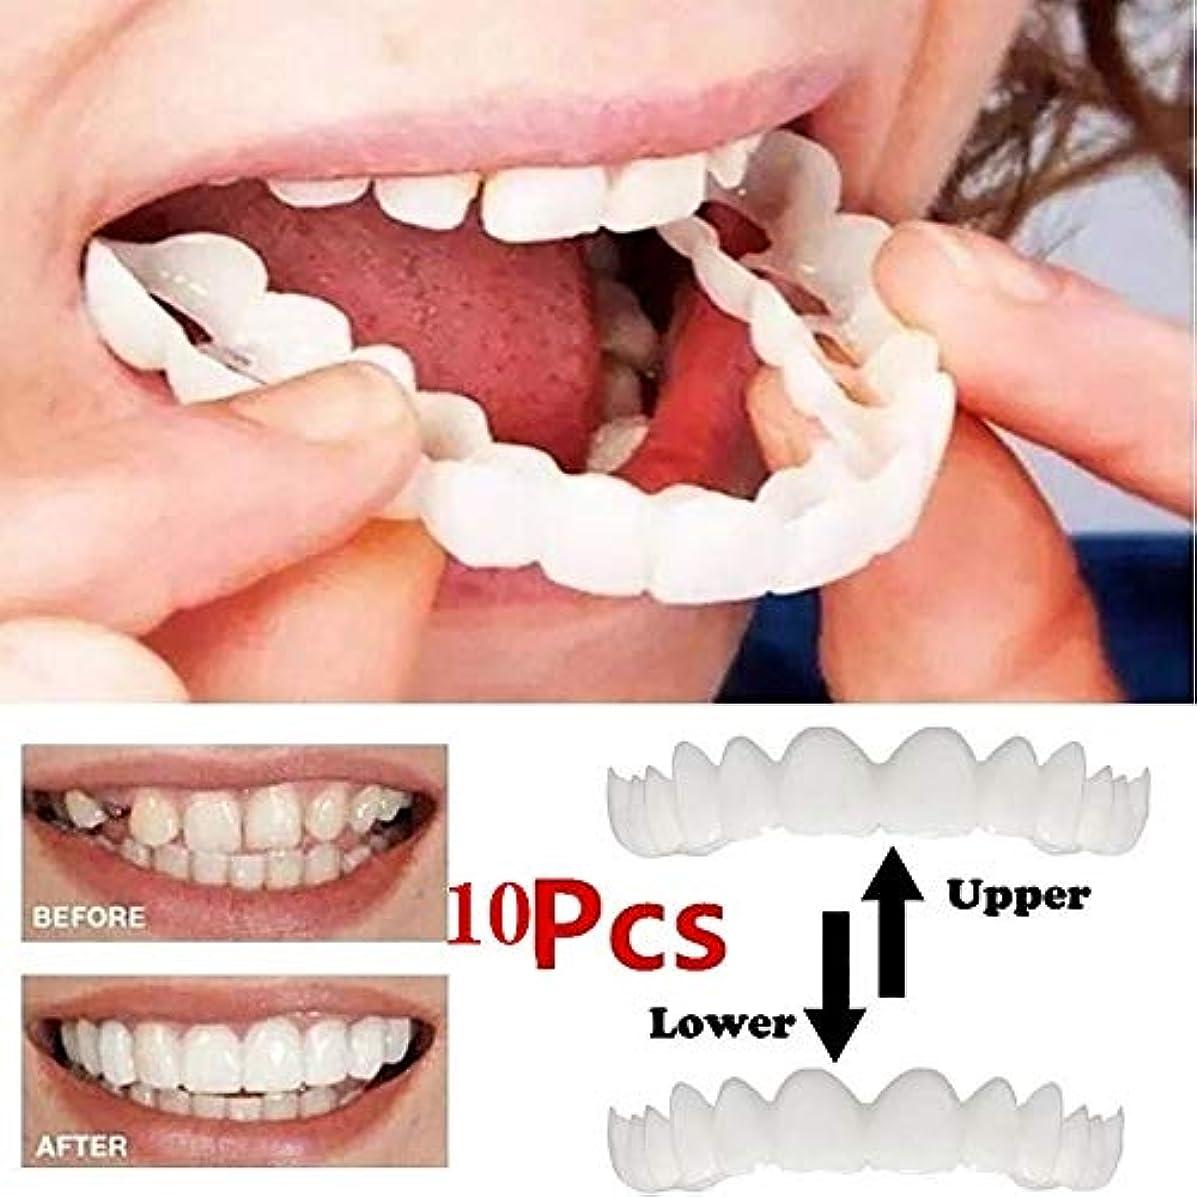 無法者リラックス透明にベニヤの歯、化粧品の歯5ペア - 一時的な笑顔の快適さフィットフレックス化粧品の歯、ワンサイズは最もフィットし、快適なトップとボトムベニア - 歯突き板